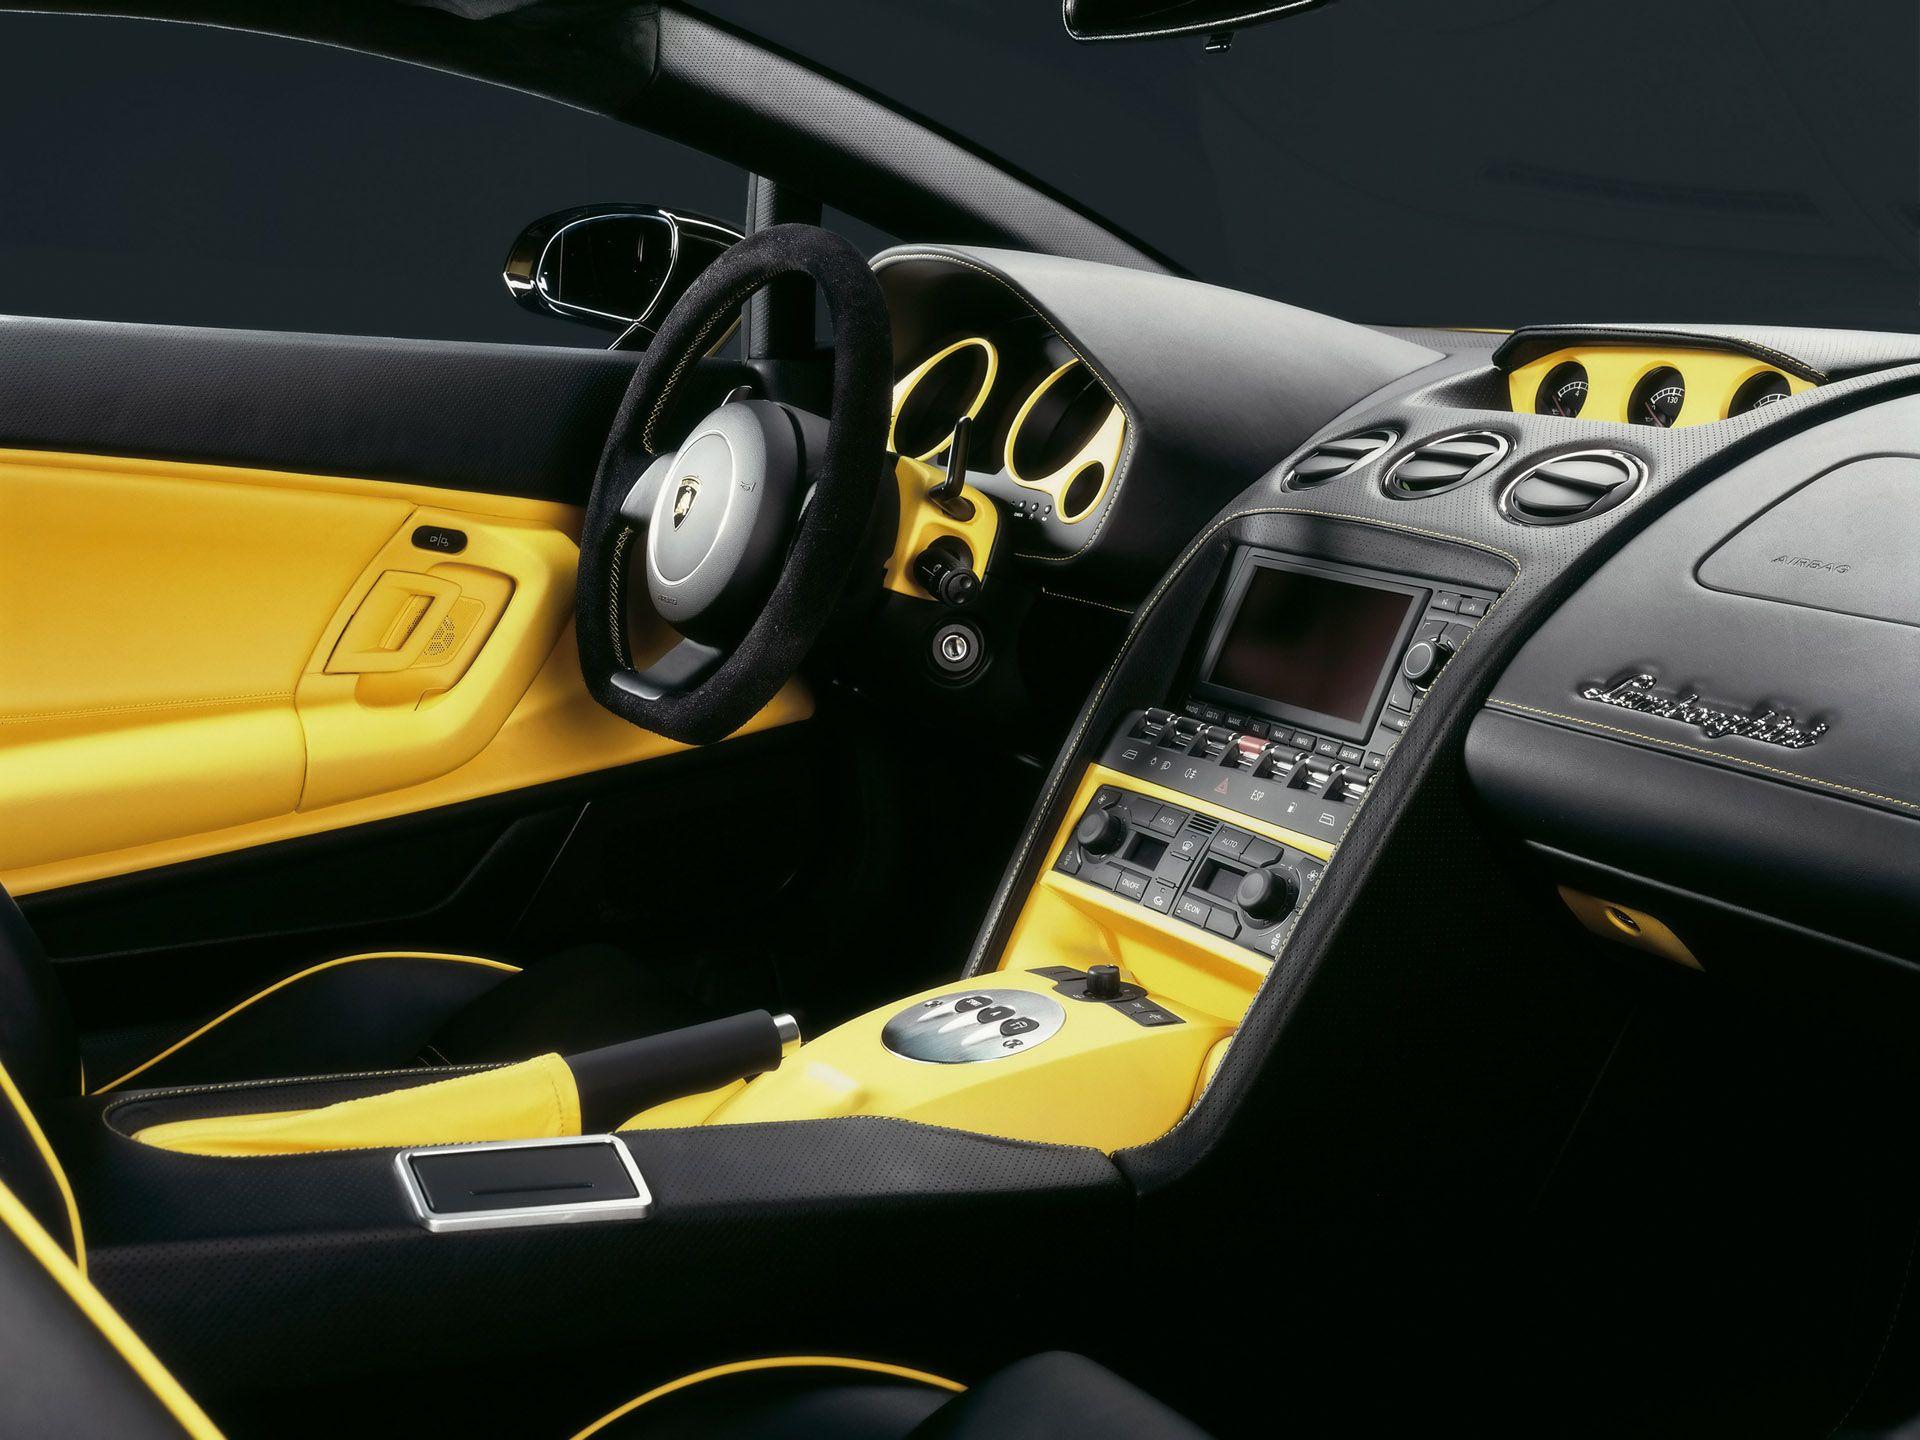 Ferrari Vs Lamborghini Lamborghini Gallardo Lamborghini